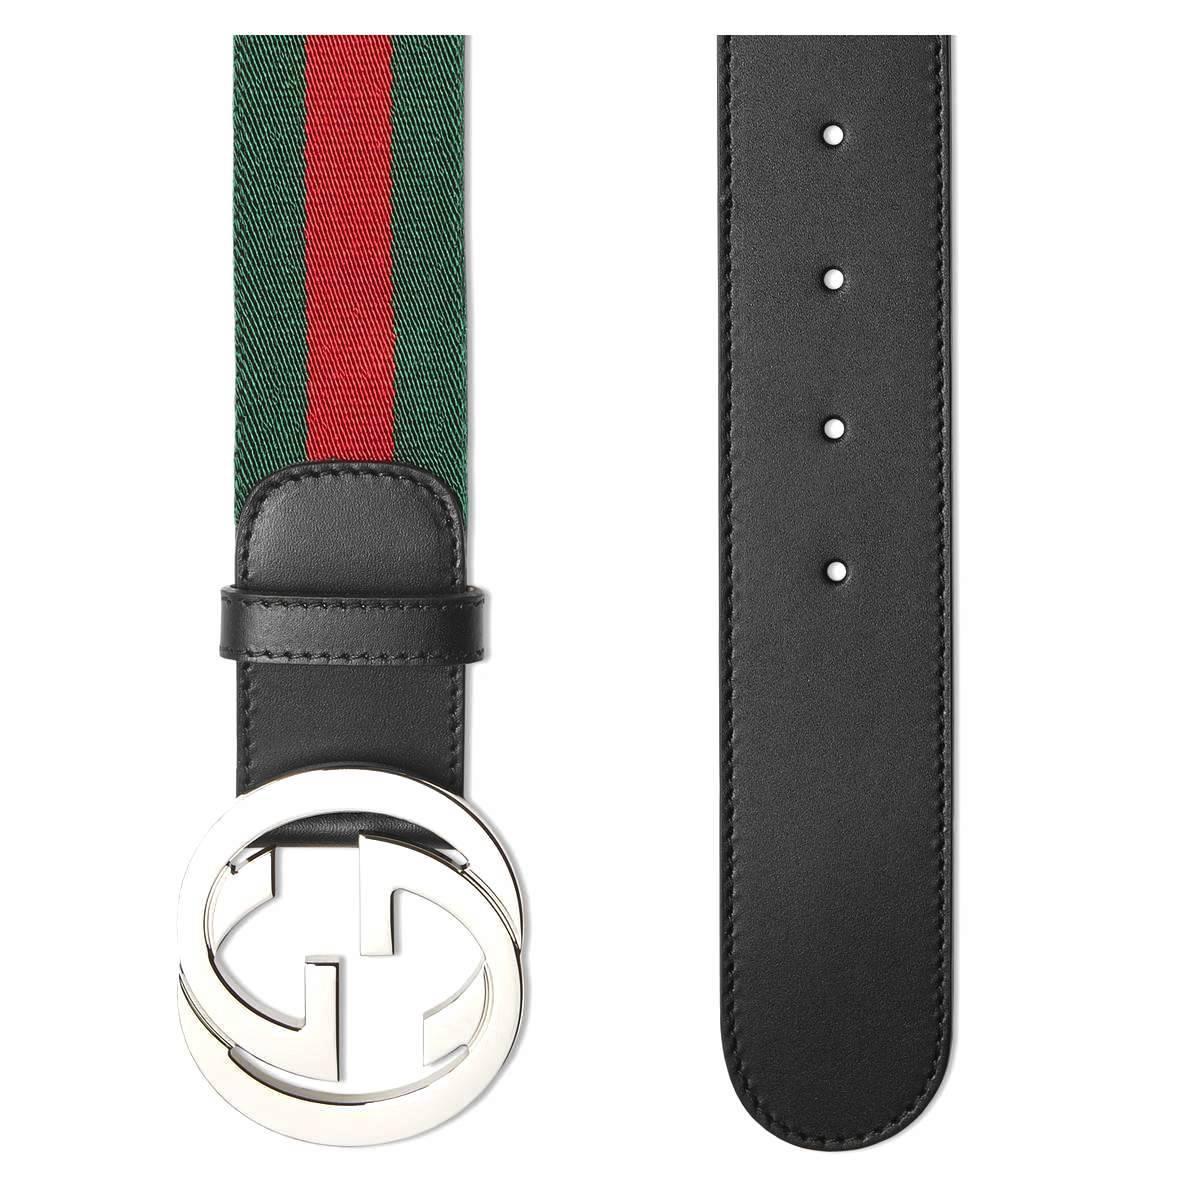 Một trong những mẫu dây lưng Gucci được yêu thích nhất hiện nay